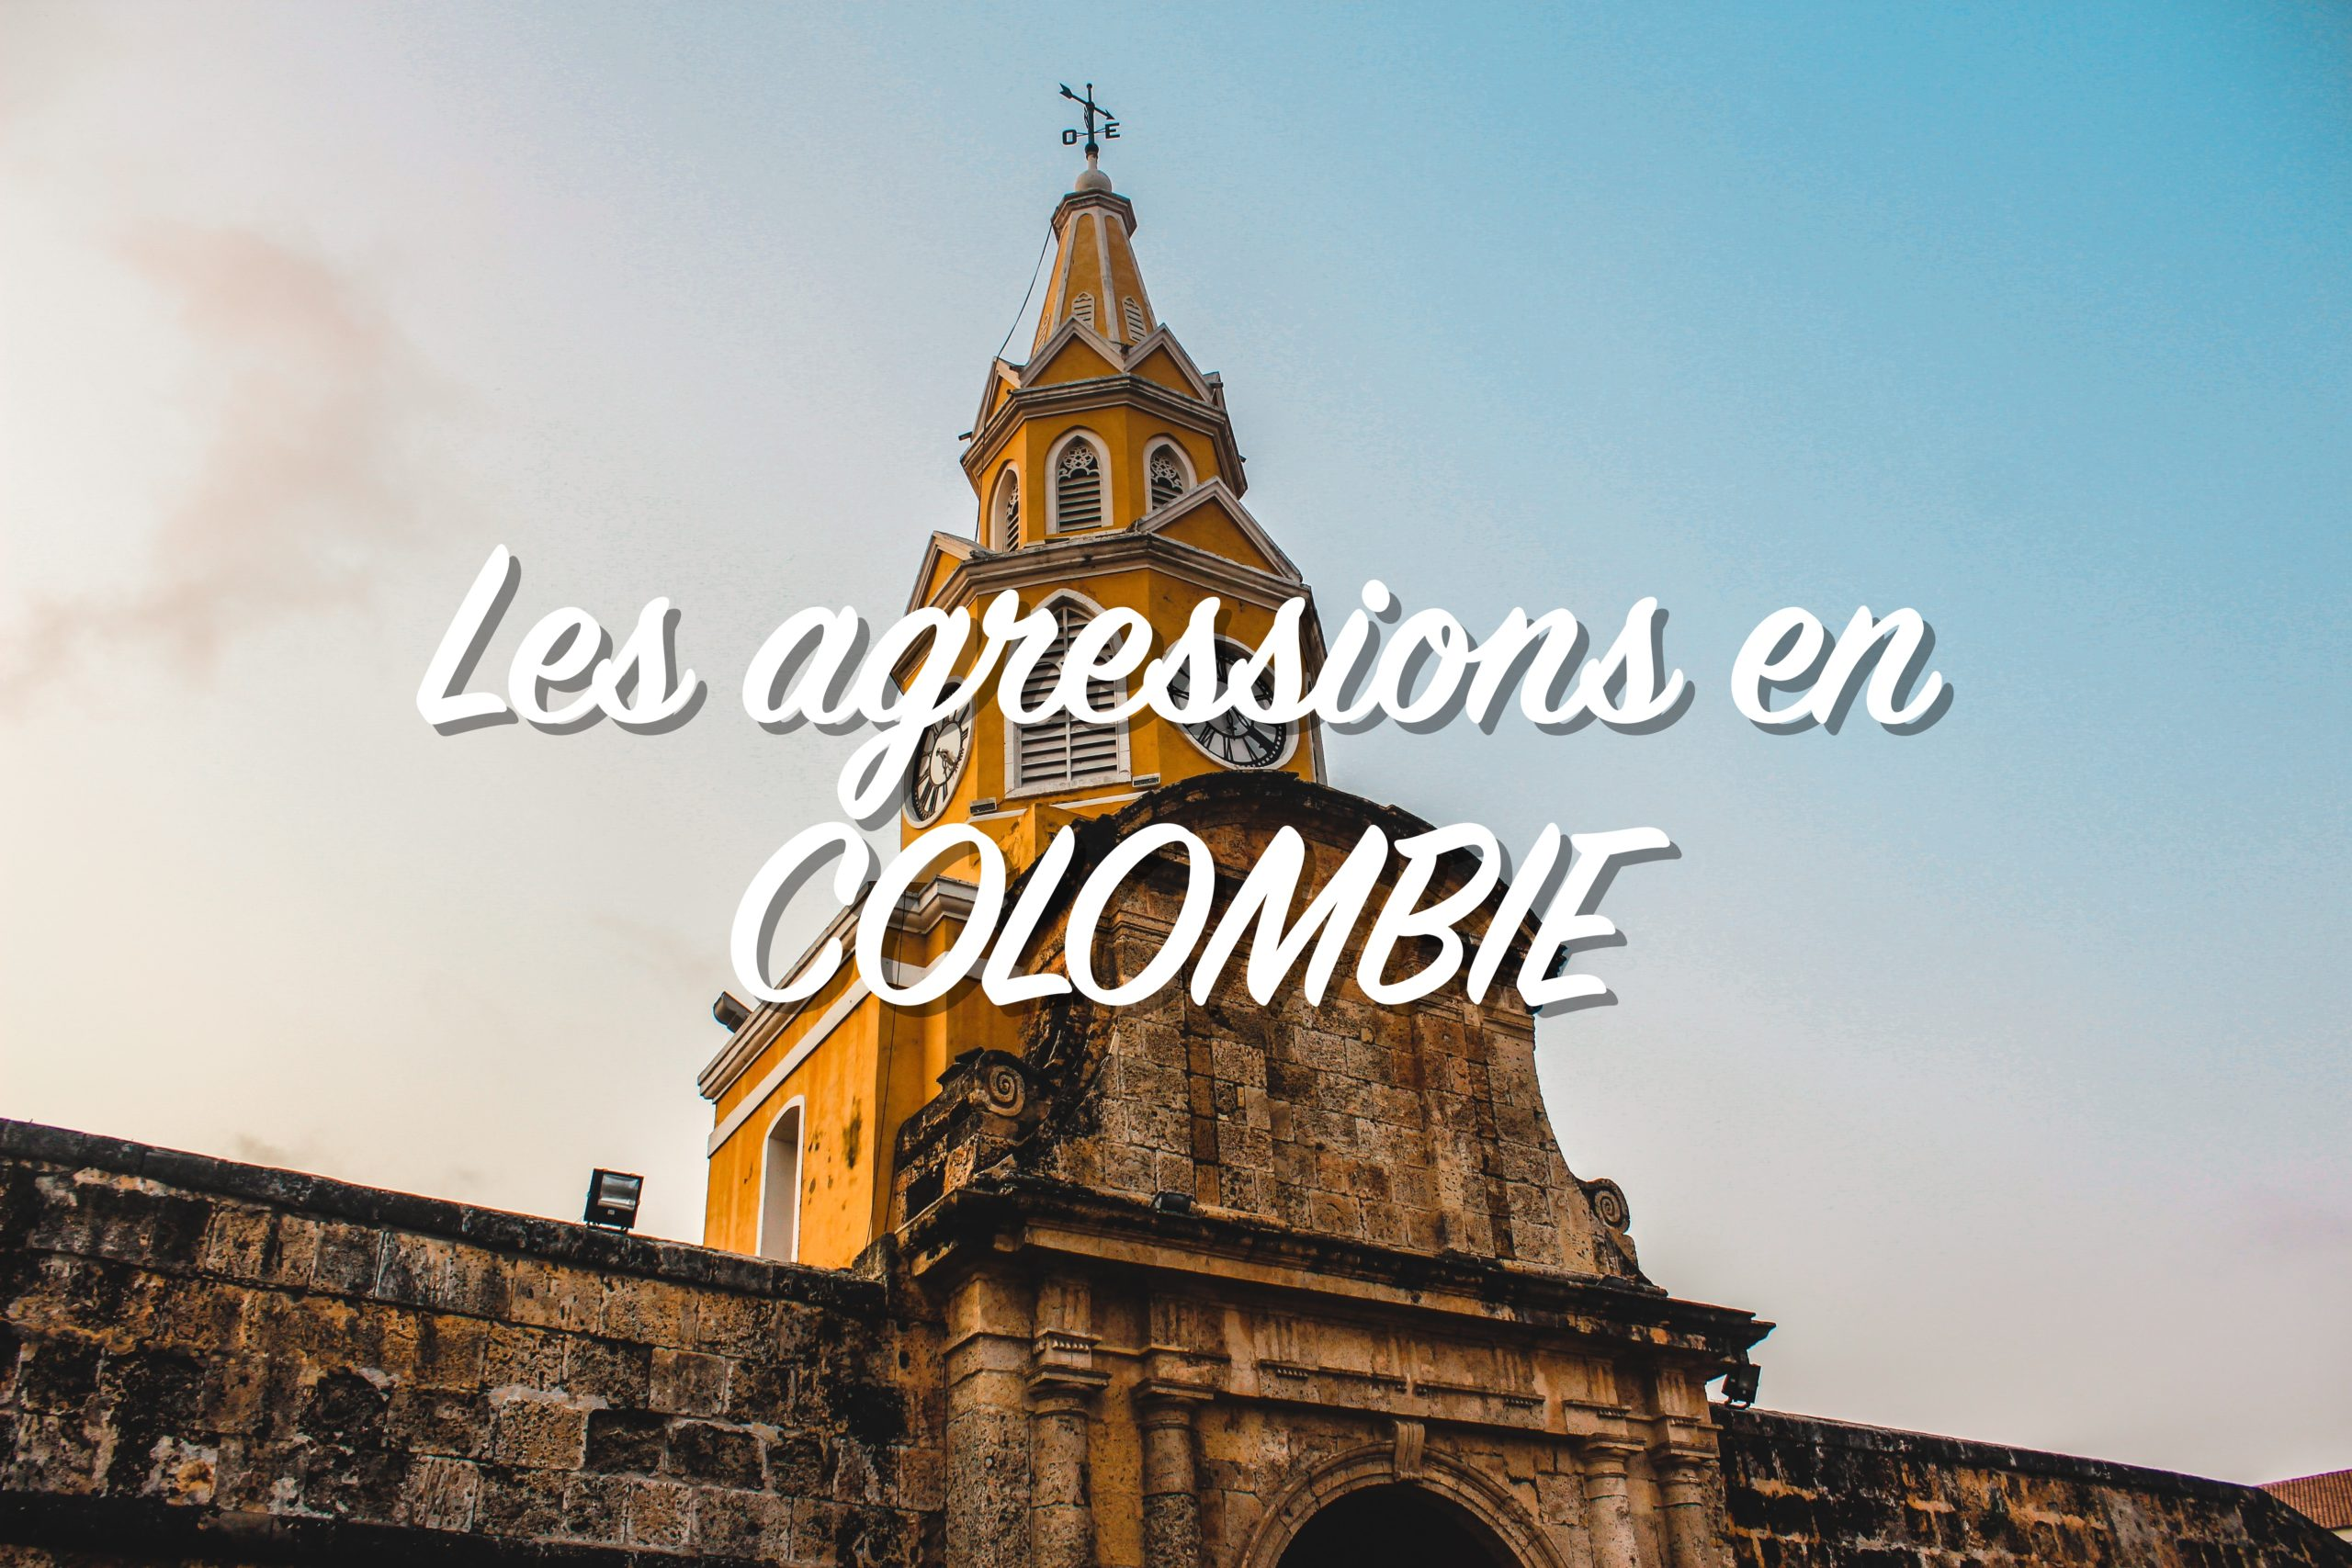 les agressions en colombie